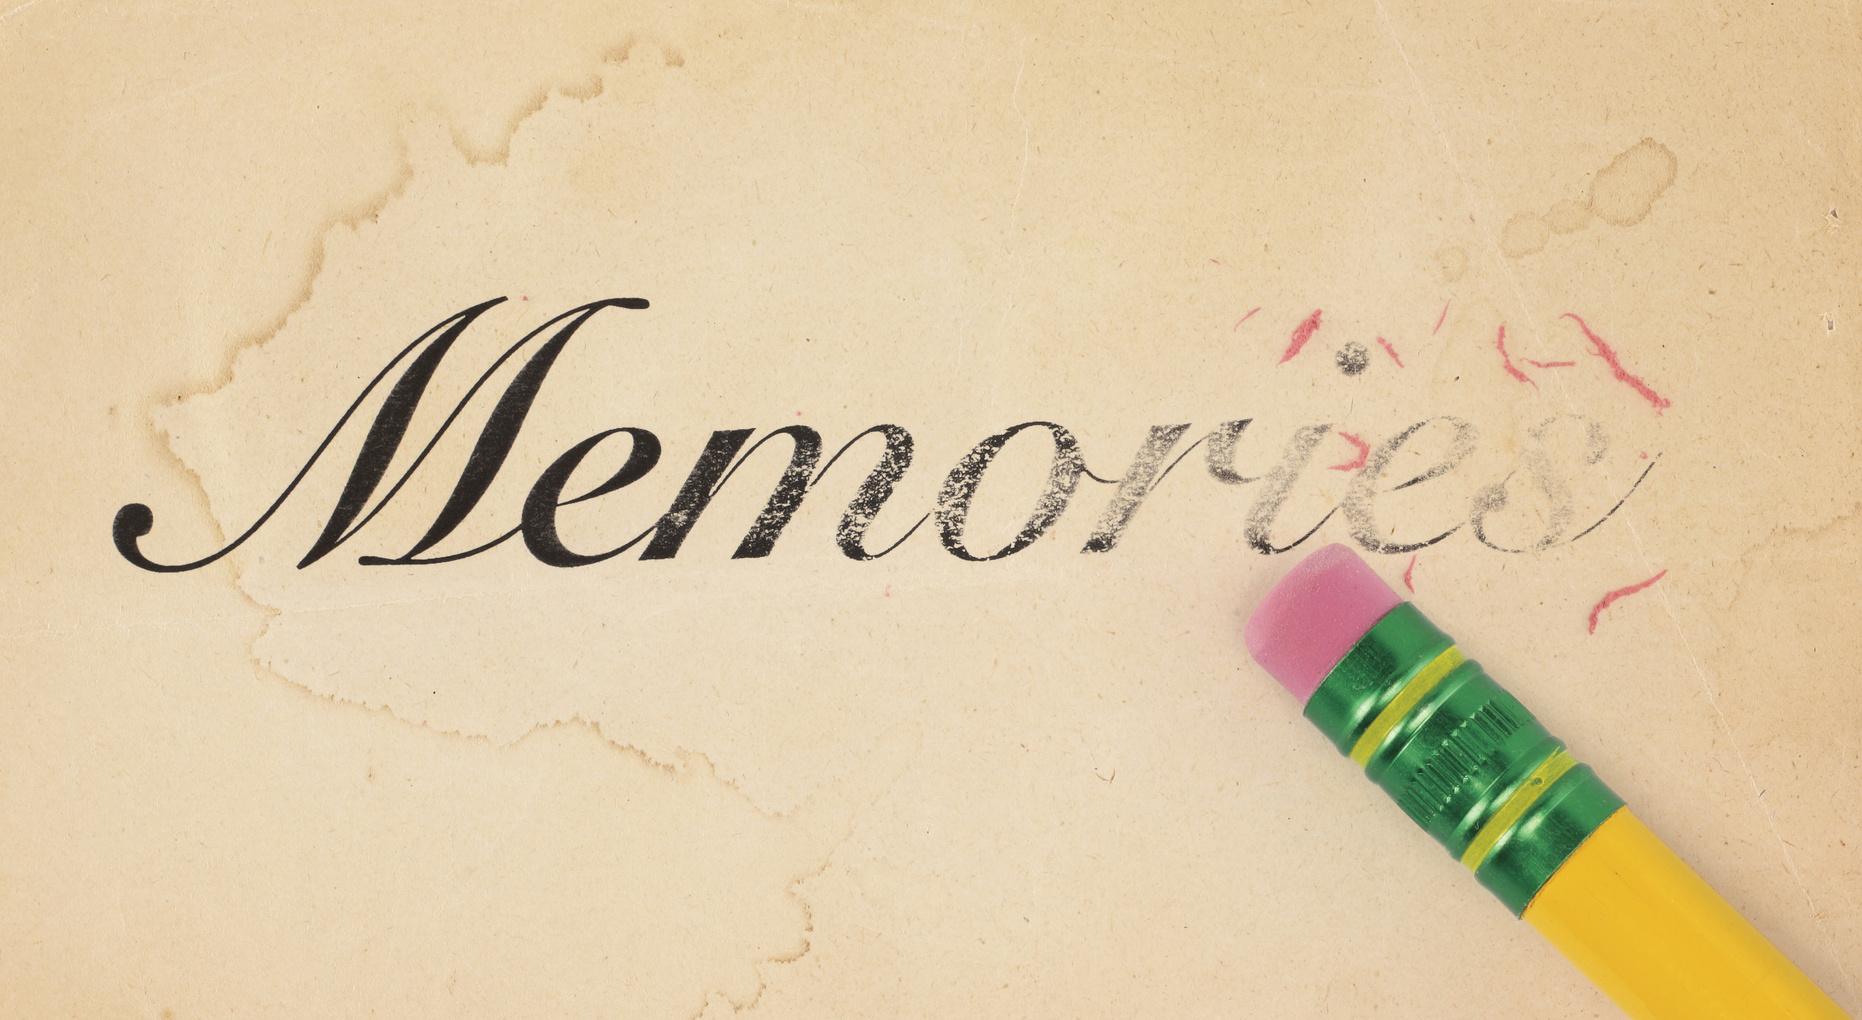 صور عن الذكريات 8